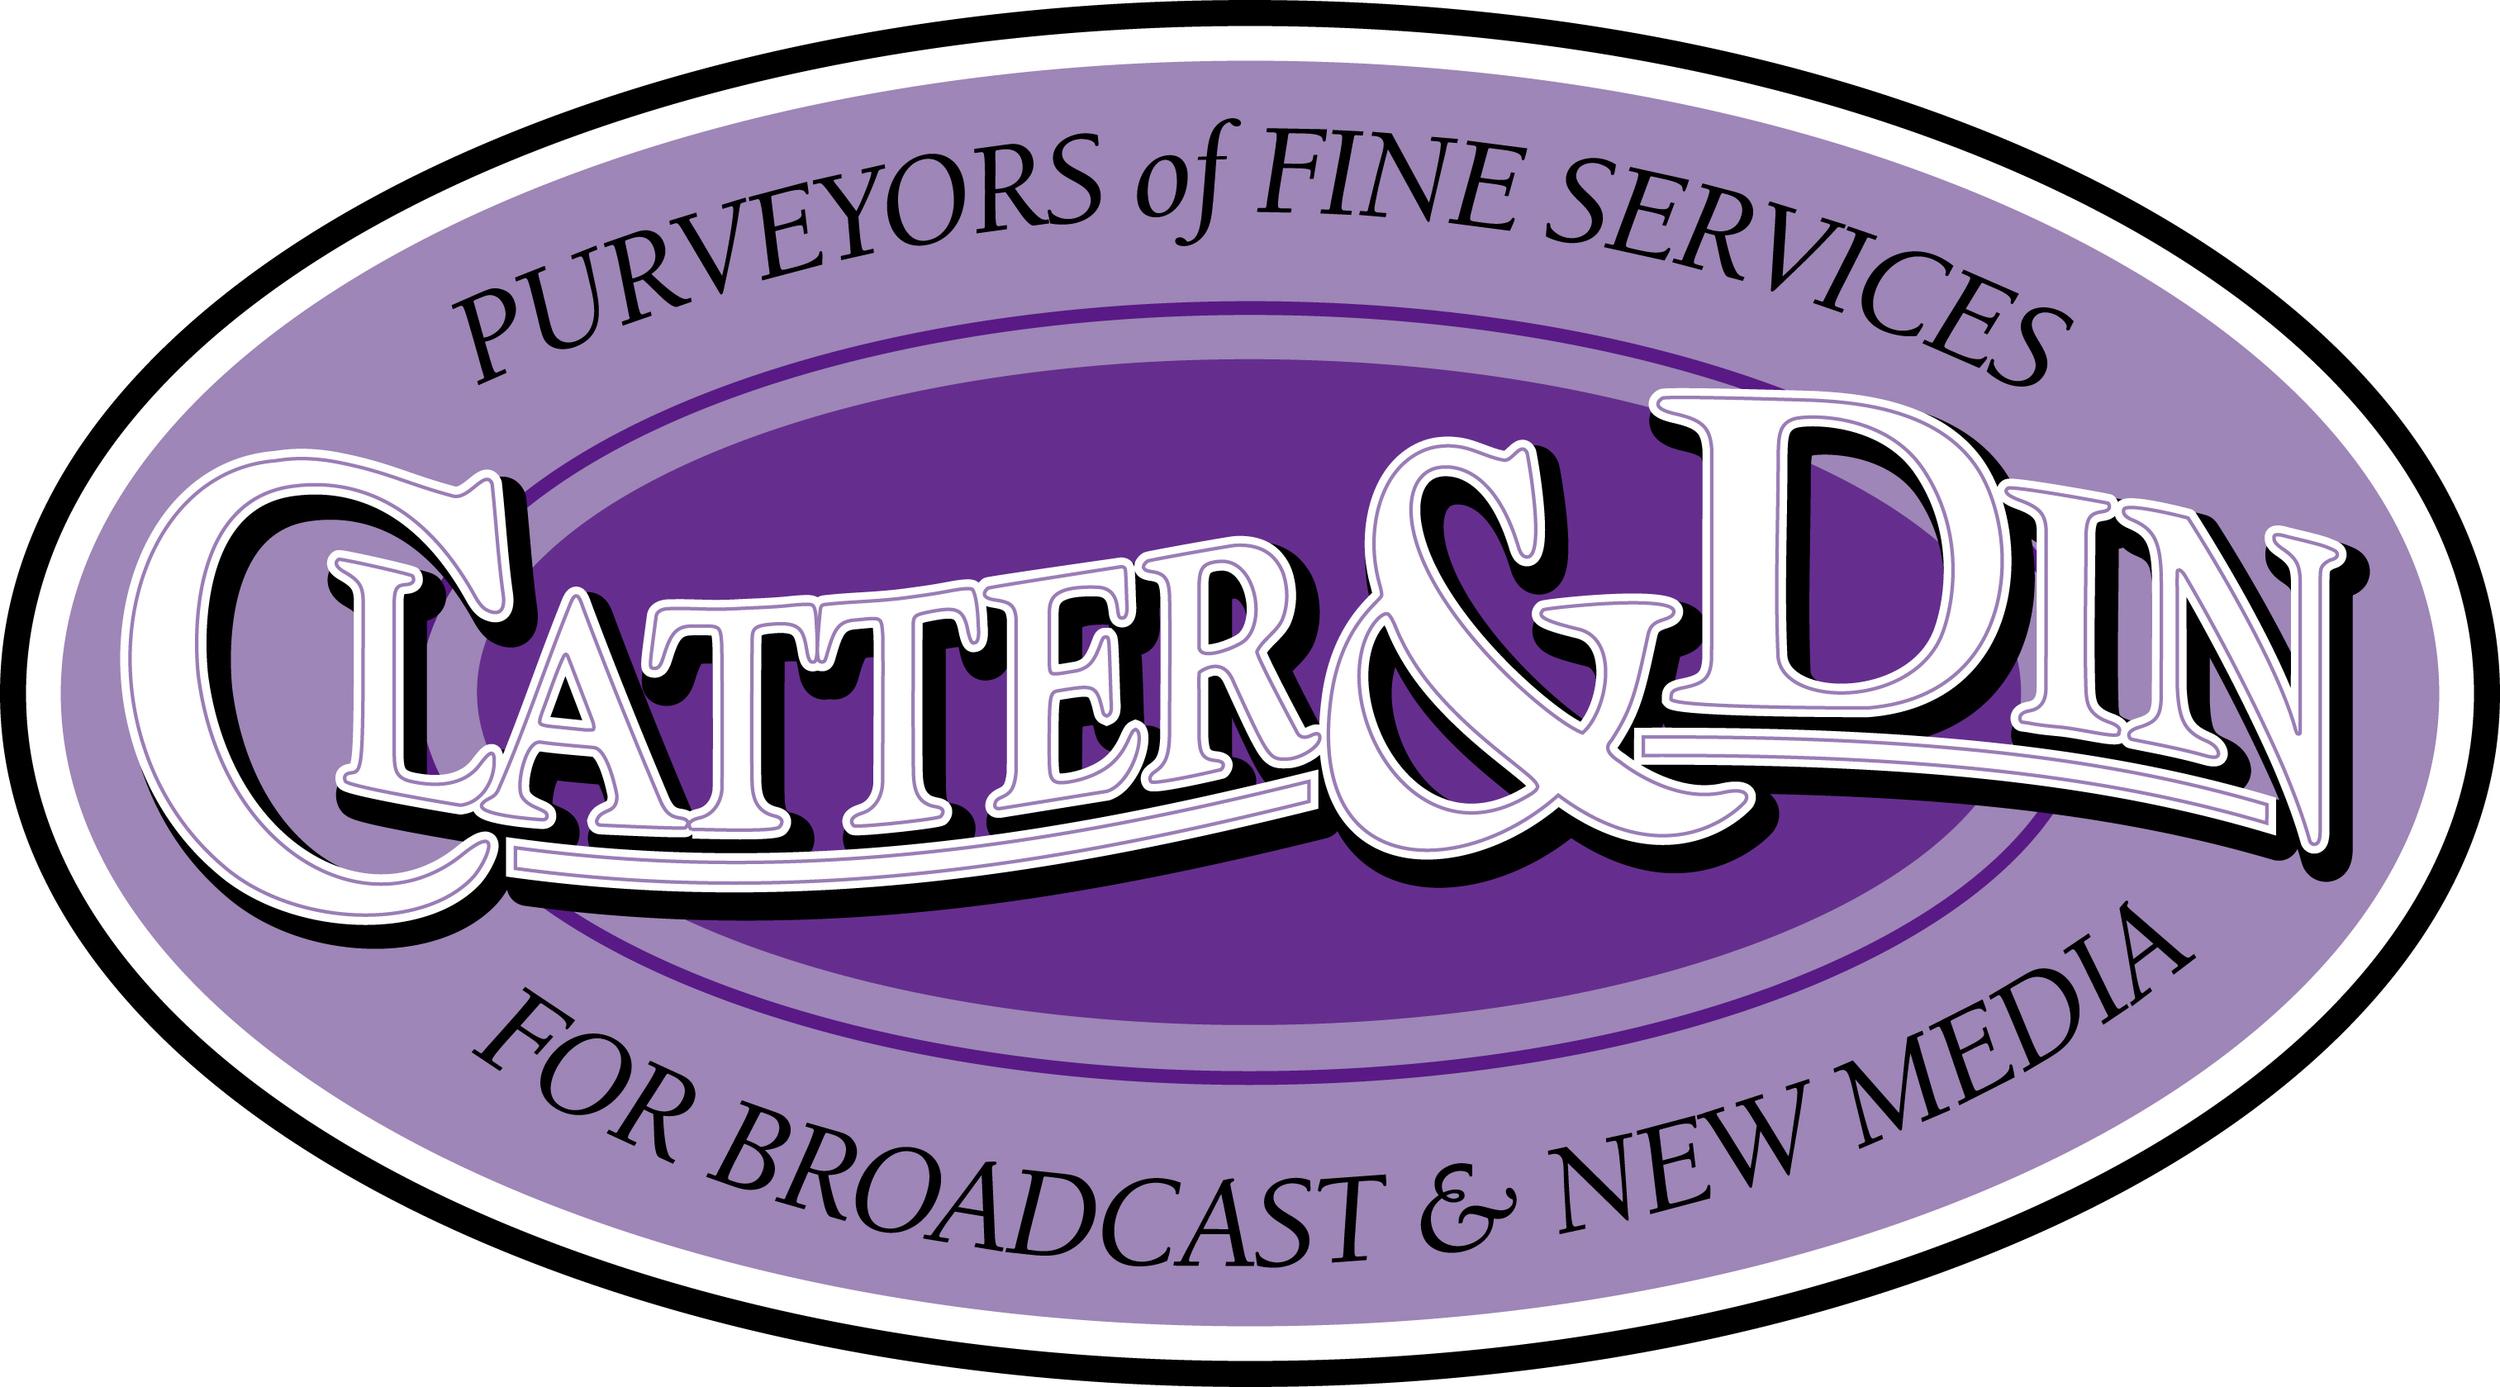 ClatterDin_Logo-Large.jpg